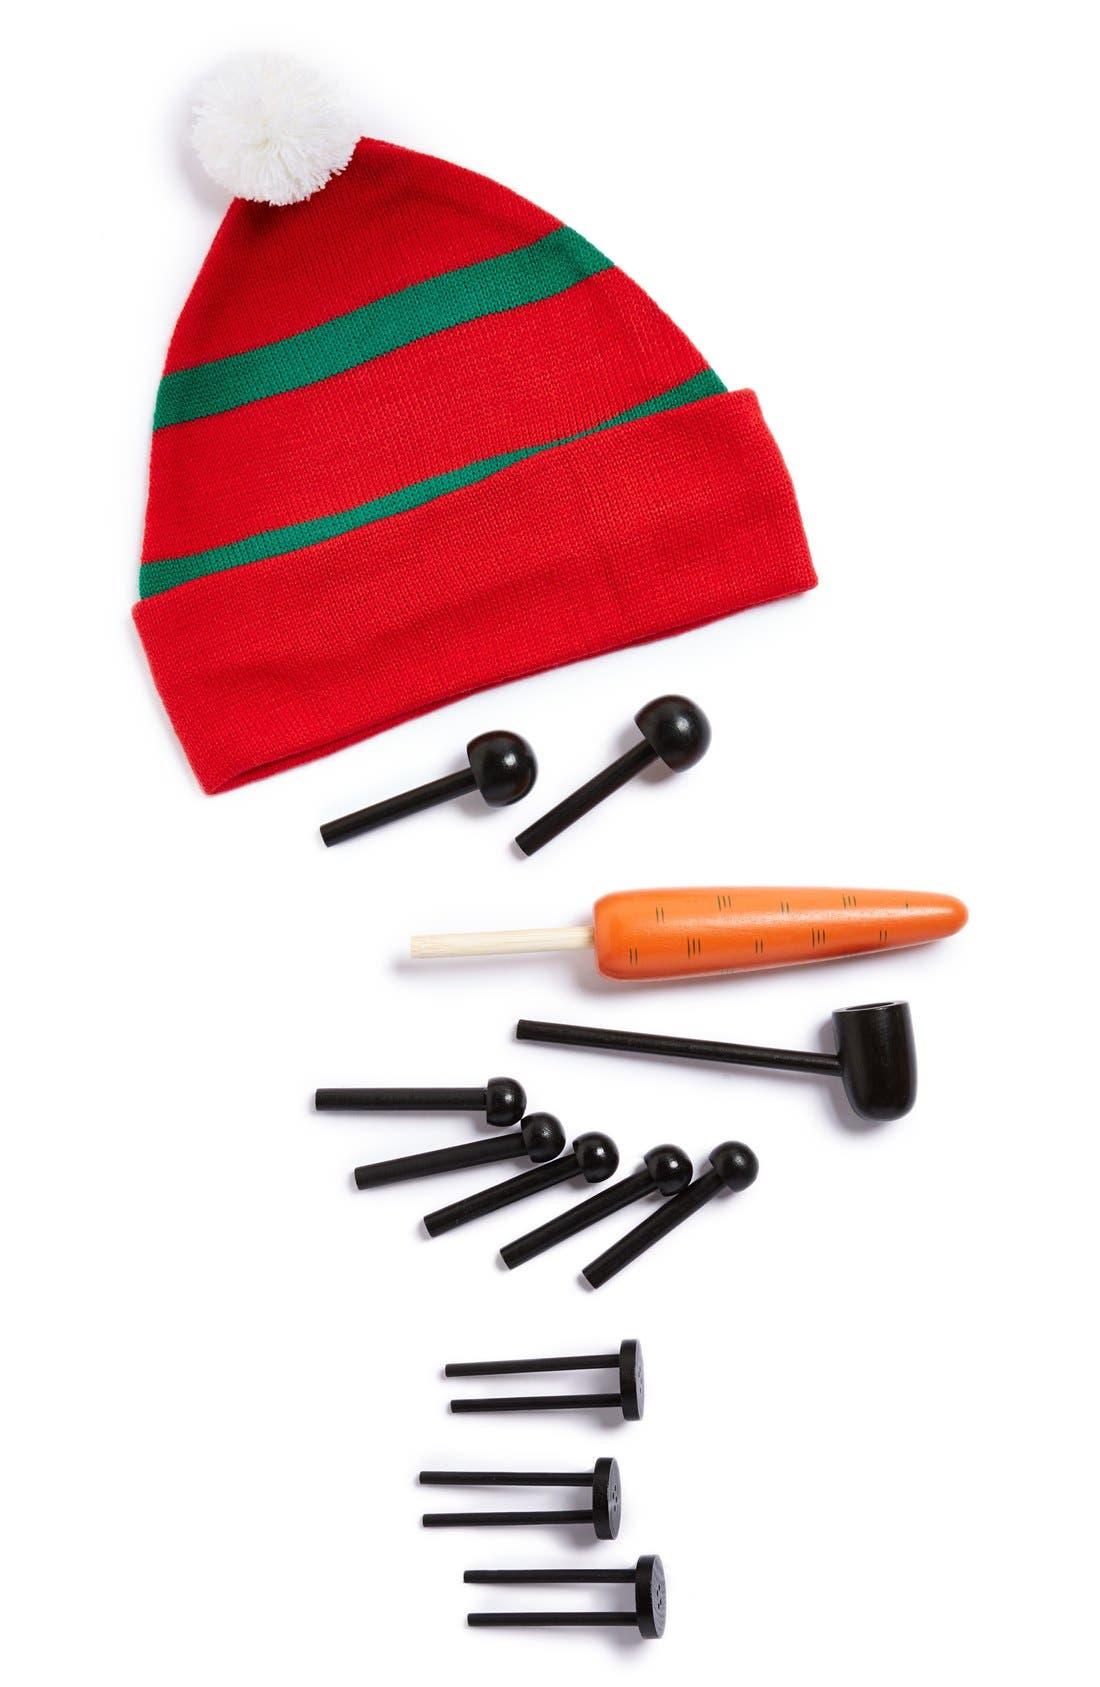 Toysmith 'Dress a Snowman' Kit